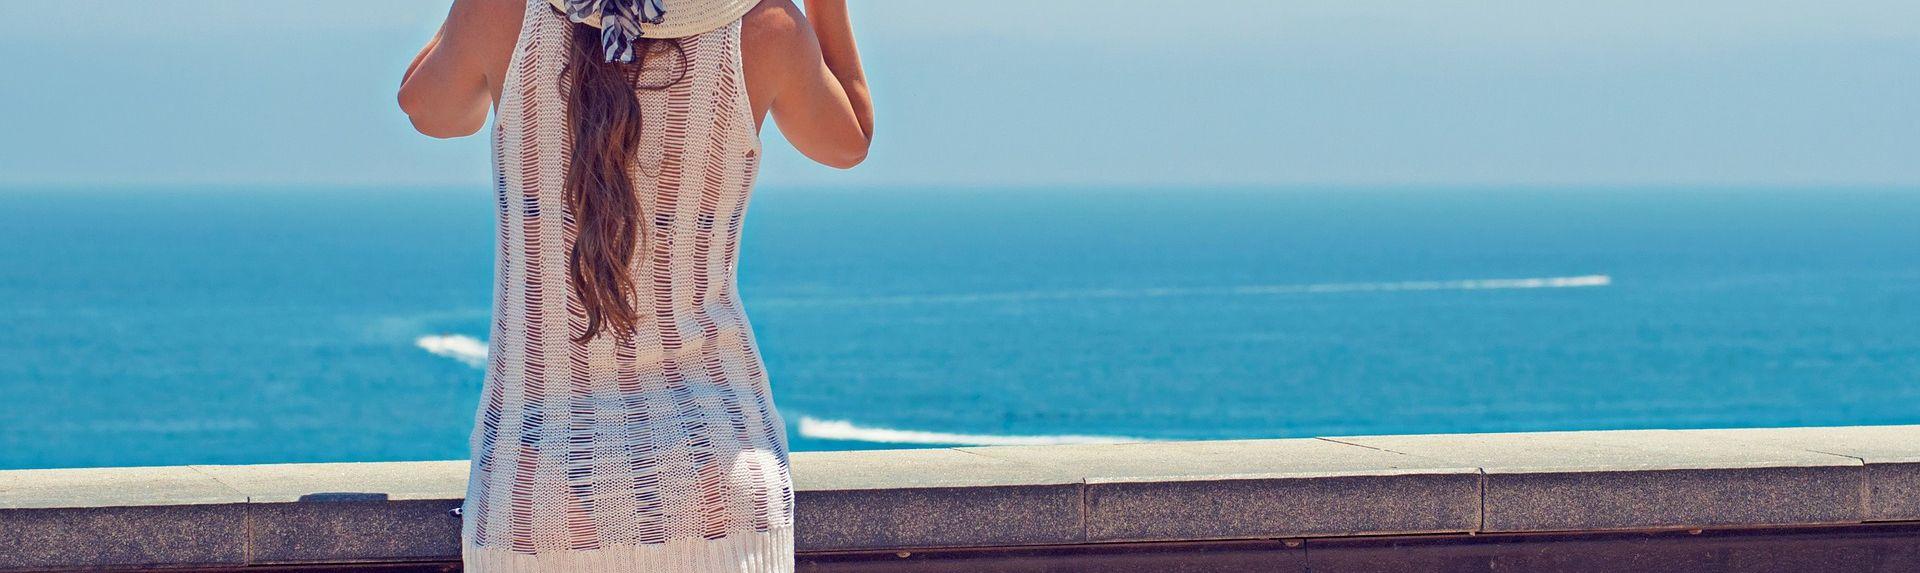 На встречу с морем и солнцем: правильный отдых при менопаузе